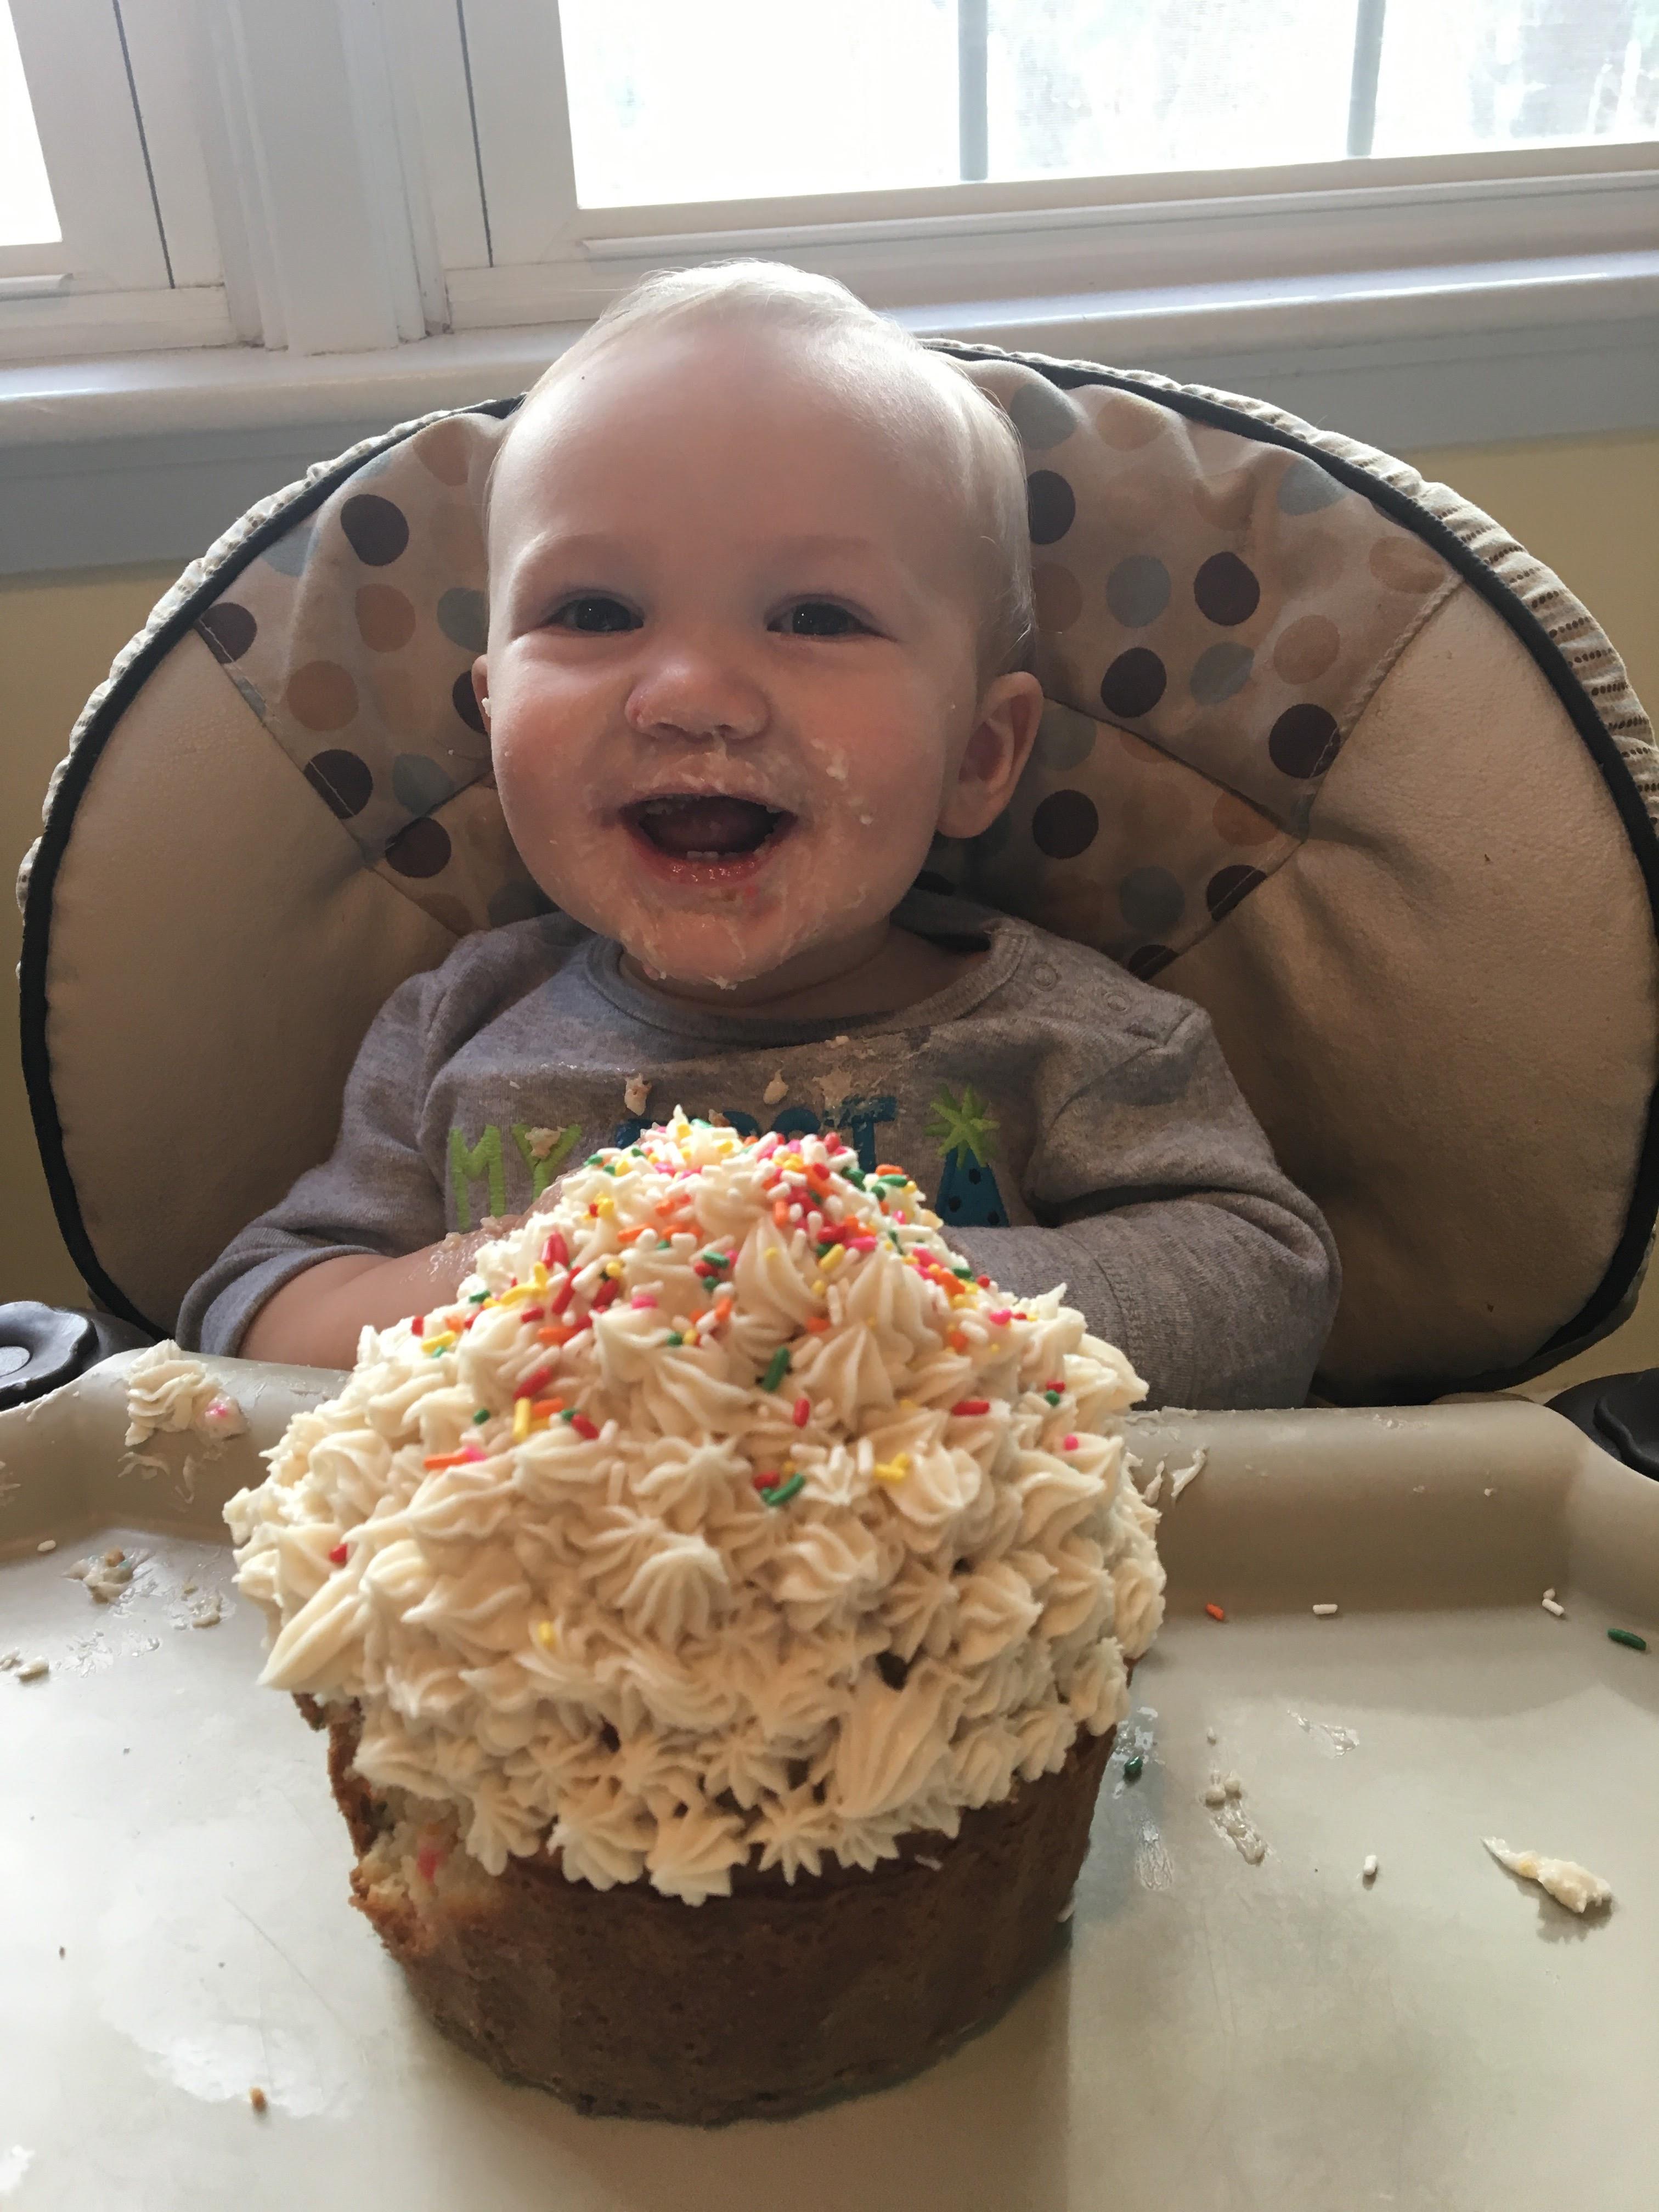 yay - cake!